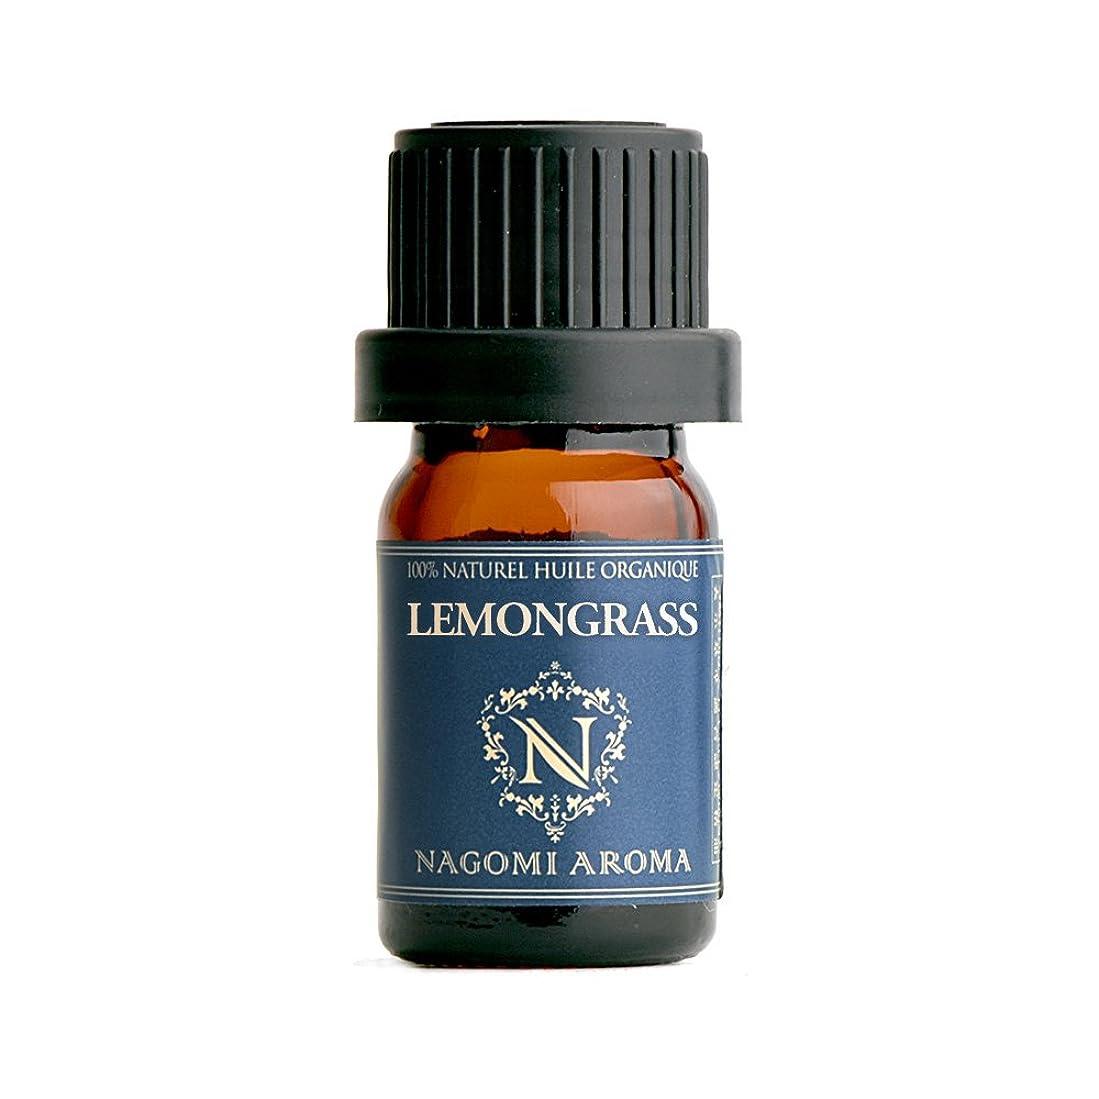 あなたが良くなります記述する和NAGOMI AROMA オーガニック レモングラス 5ml 【AEAJ認定精油】【アロマオイル】